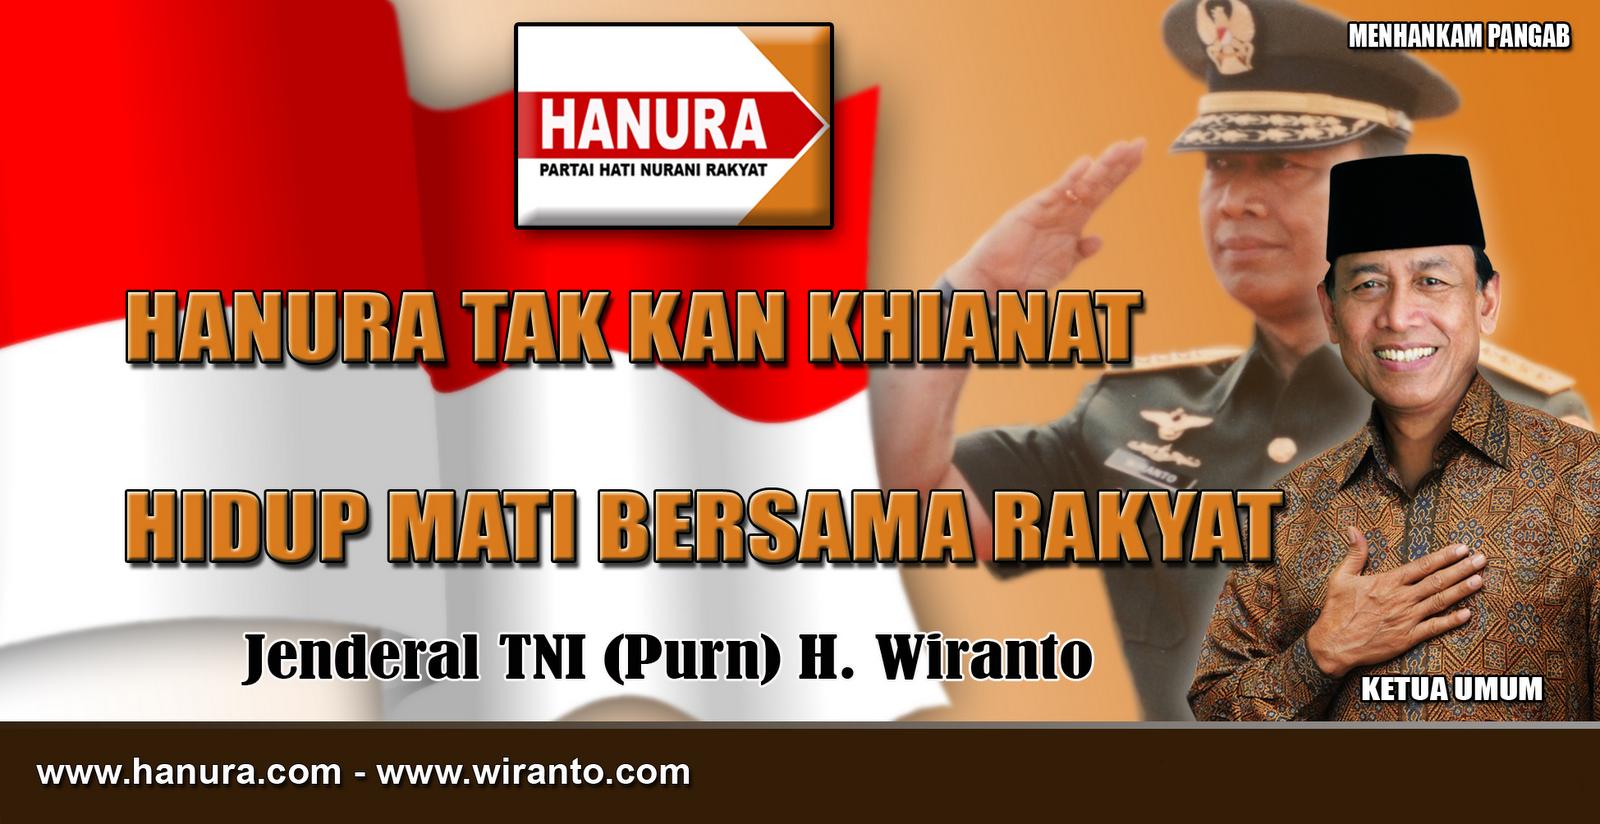 Jend (Purn) Wiranto hanura